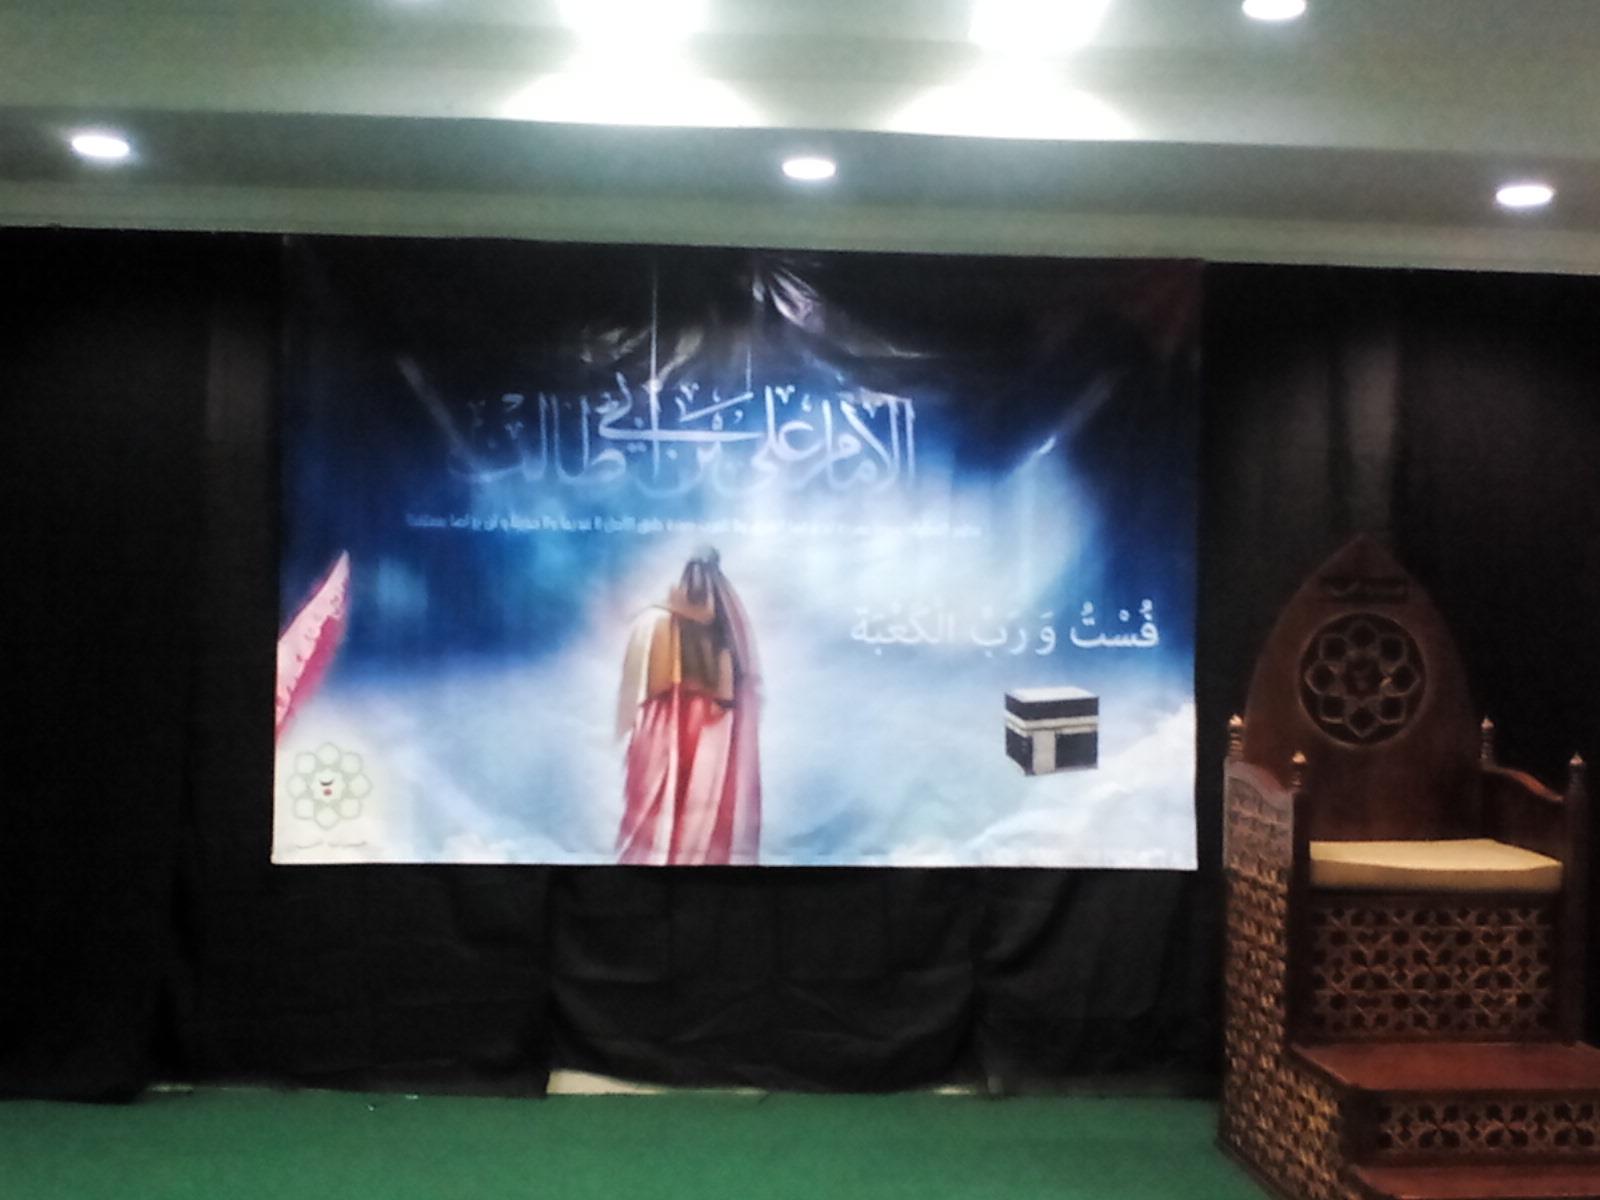 Peringatan Lailatul Qadar di Husainiyah Al Mahdi Semarang